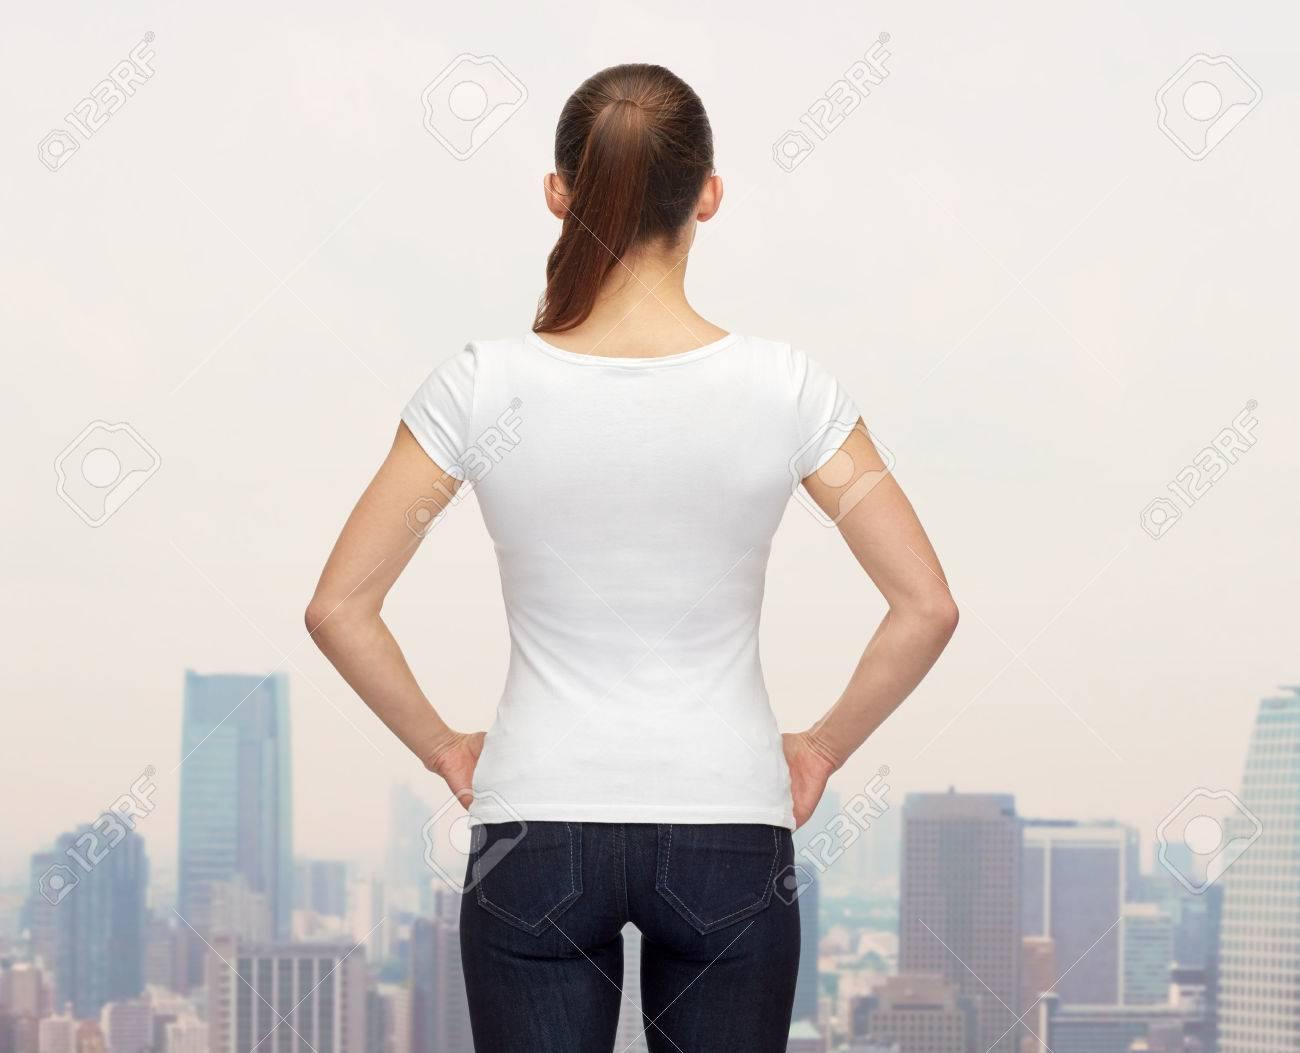 Shirt design uber - T Shirt Design Werbung Und Personen Konzept Eine Frau Im Leeren Wei En